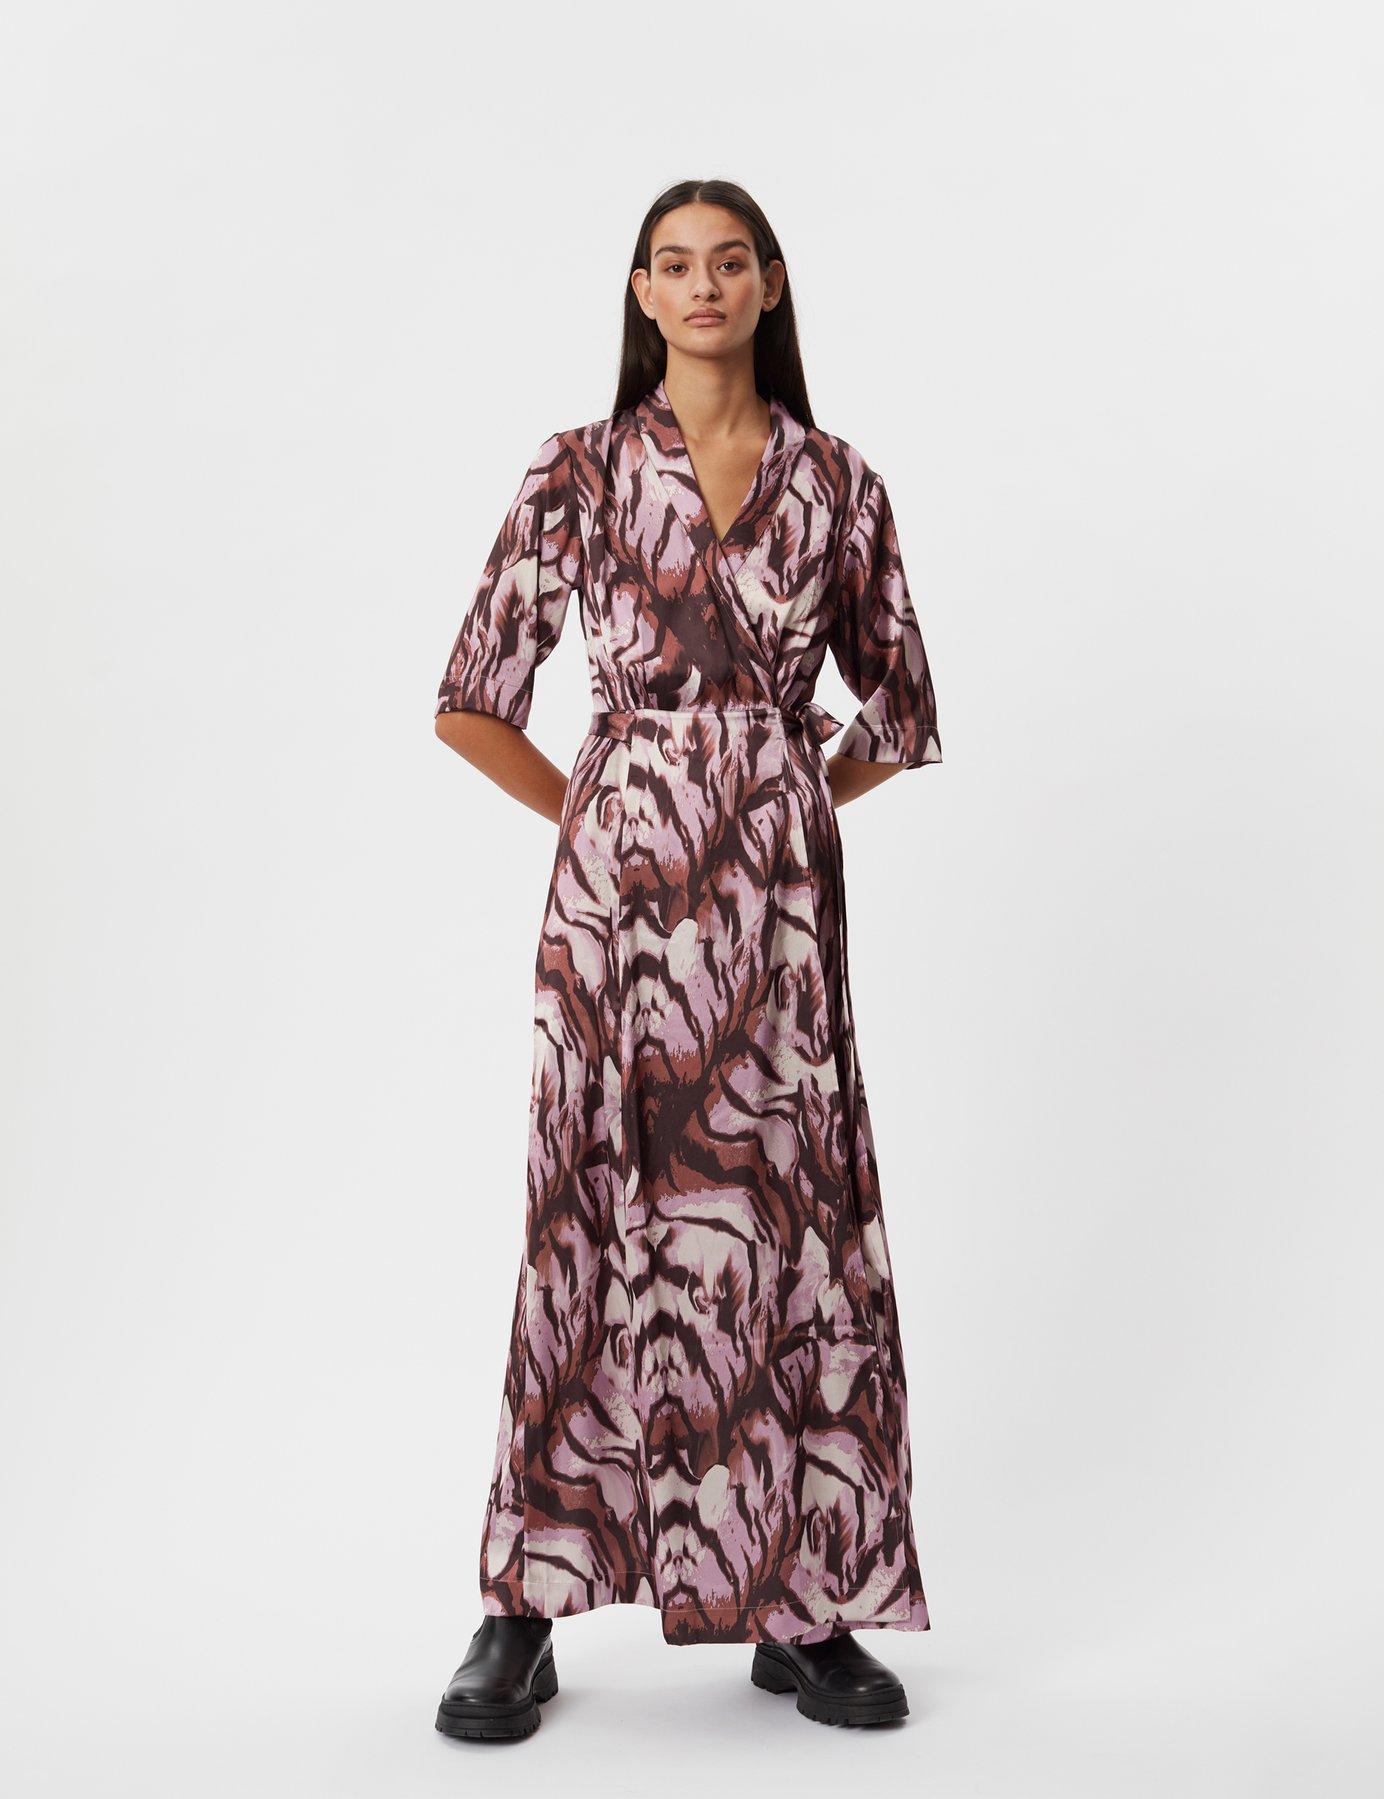 DAY_20Heritage_20Dress-Dress-1212130026-08040_20Wisteria_1384x1800